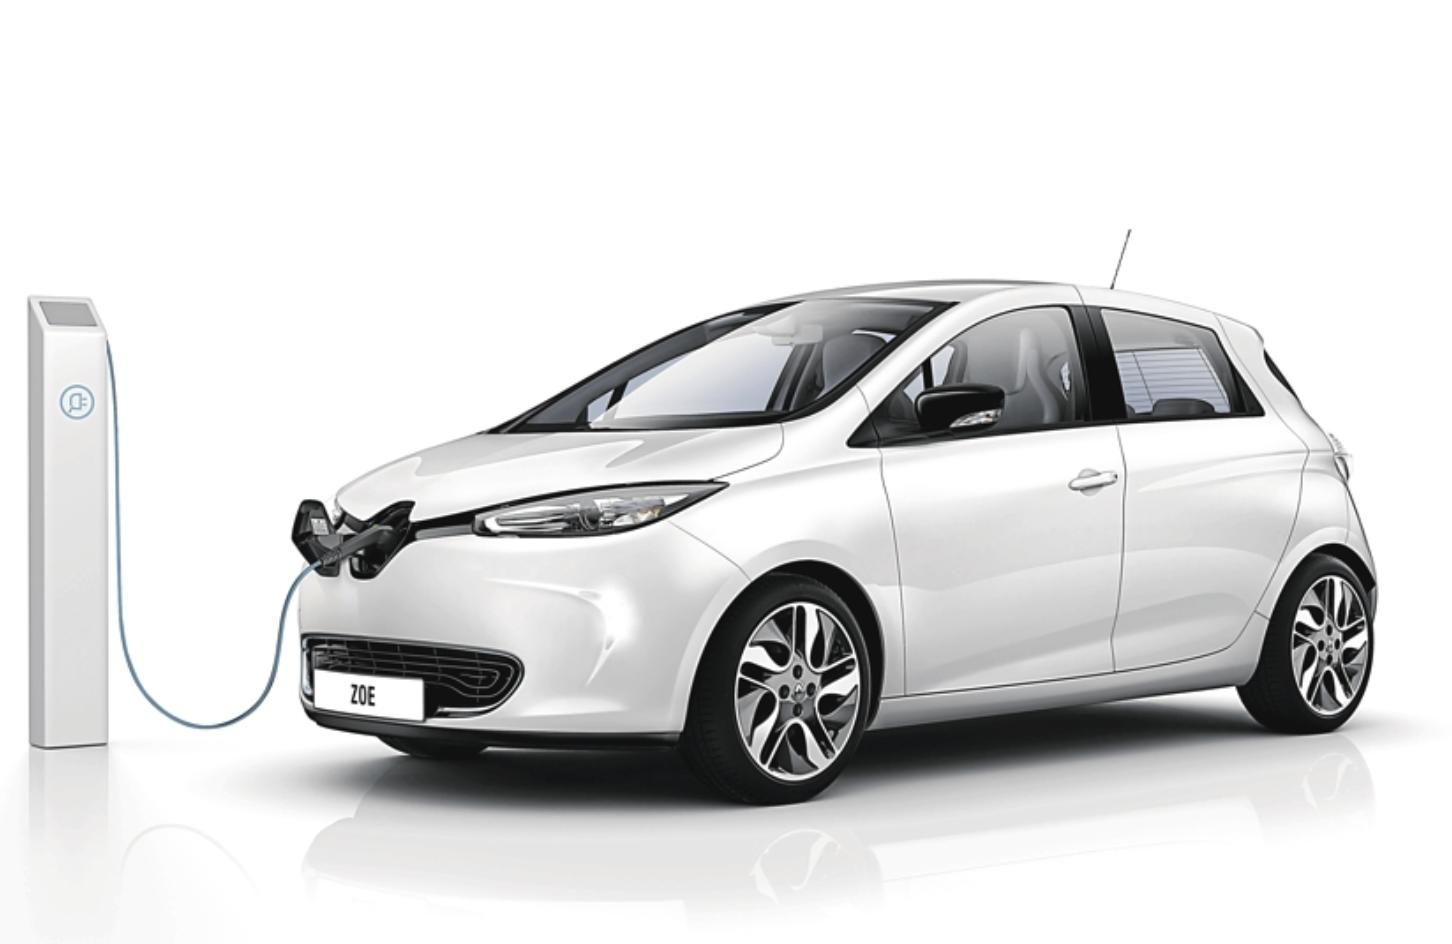 Code promo Renault : Une voiture électrique Renault Zoé Zen à gagner